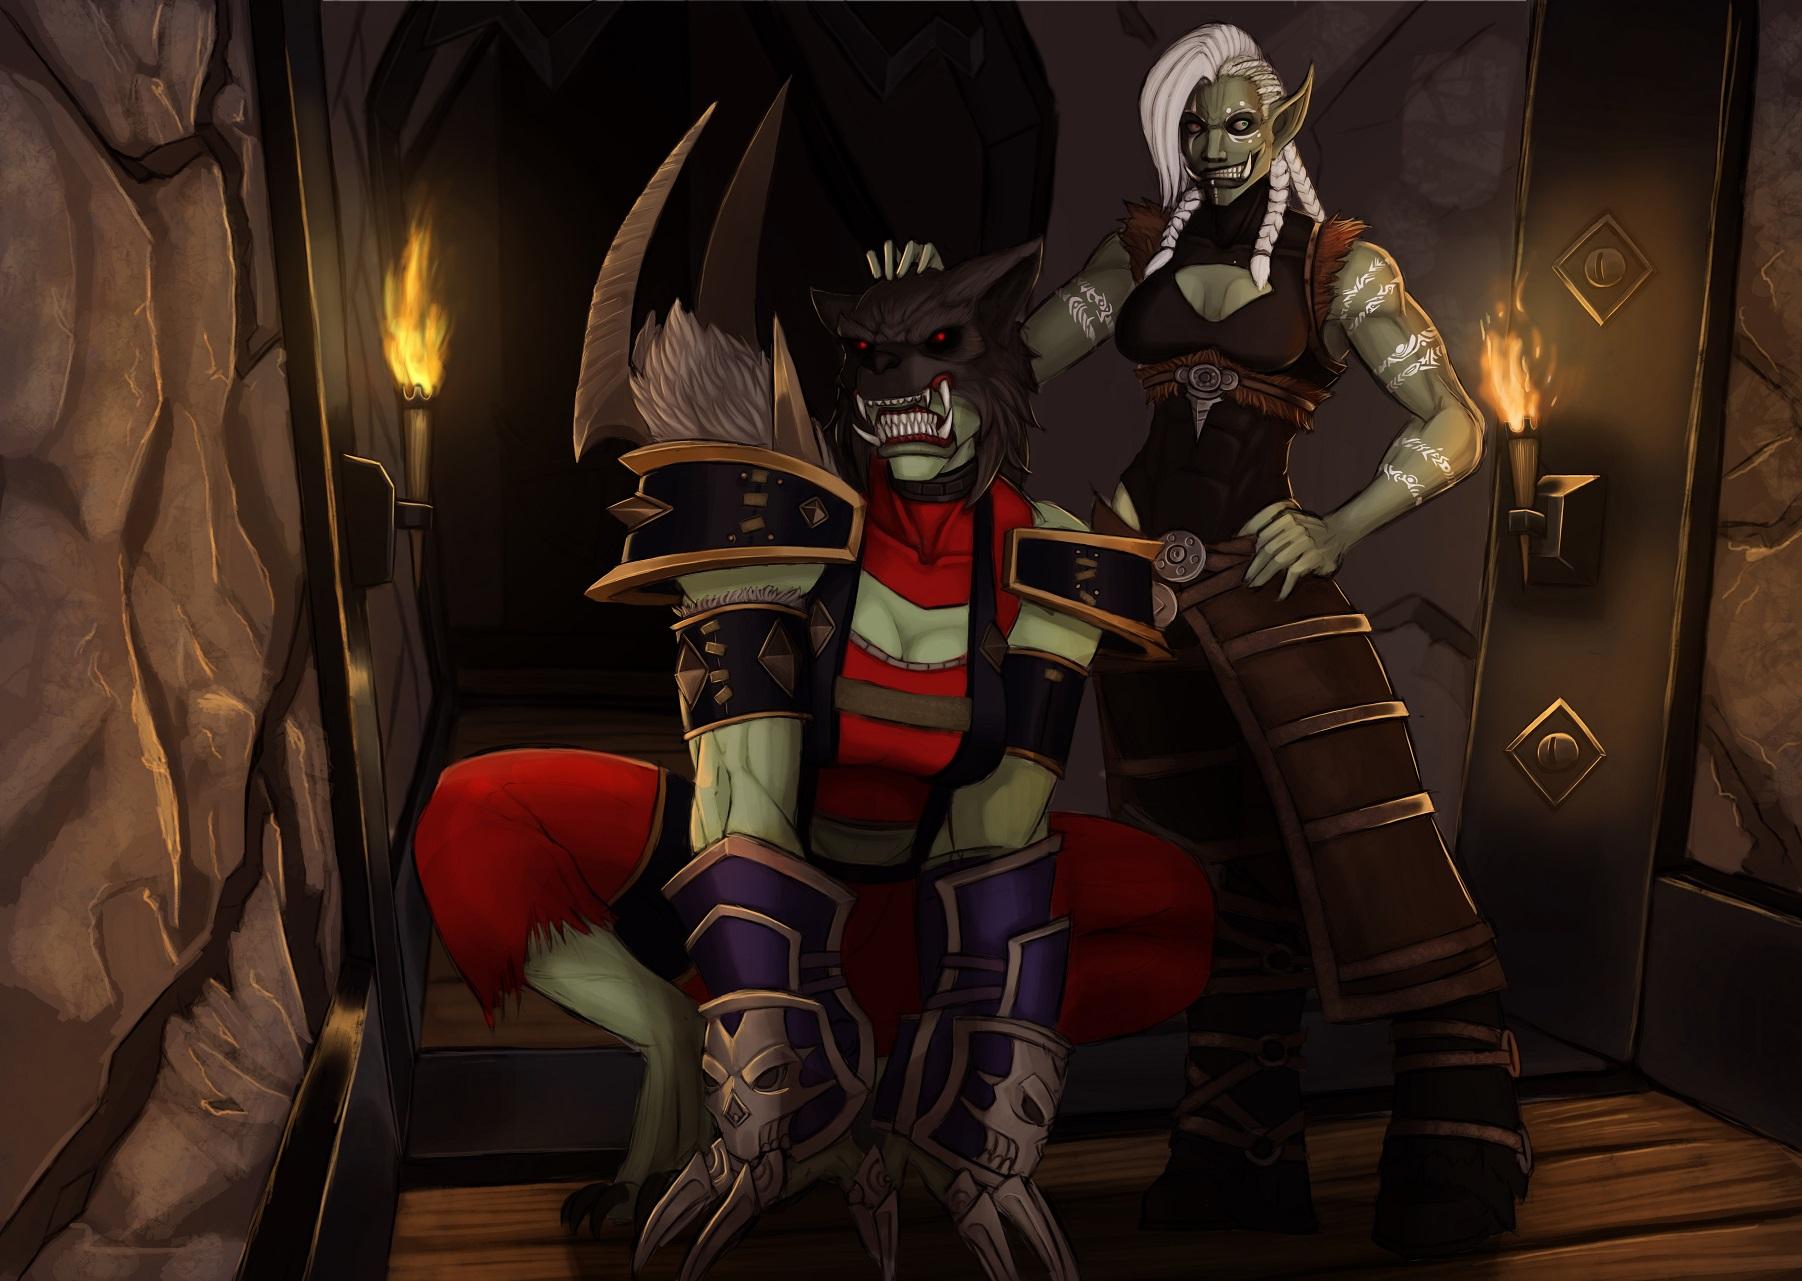 A Dark Shaman and her Hound